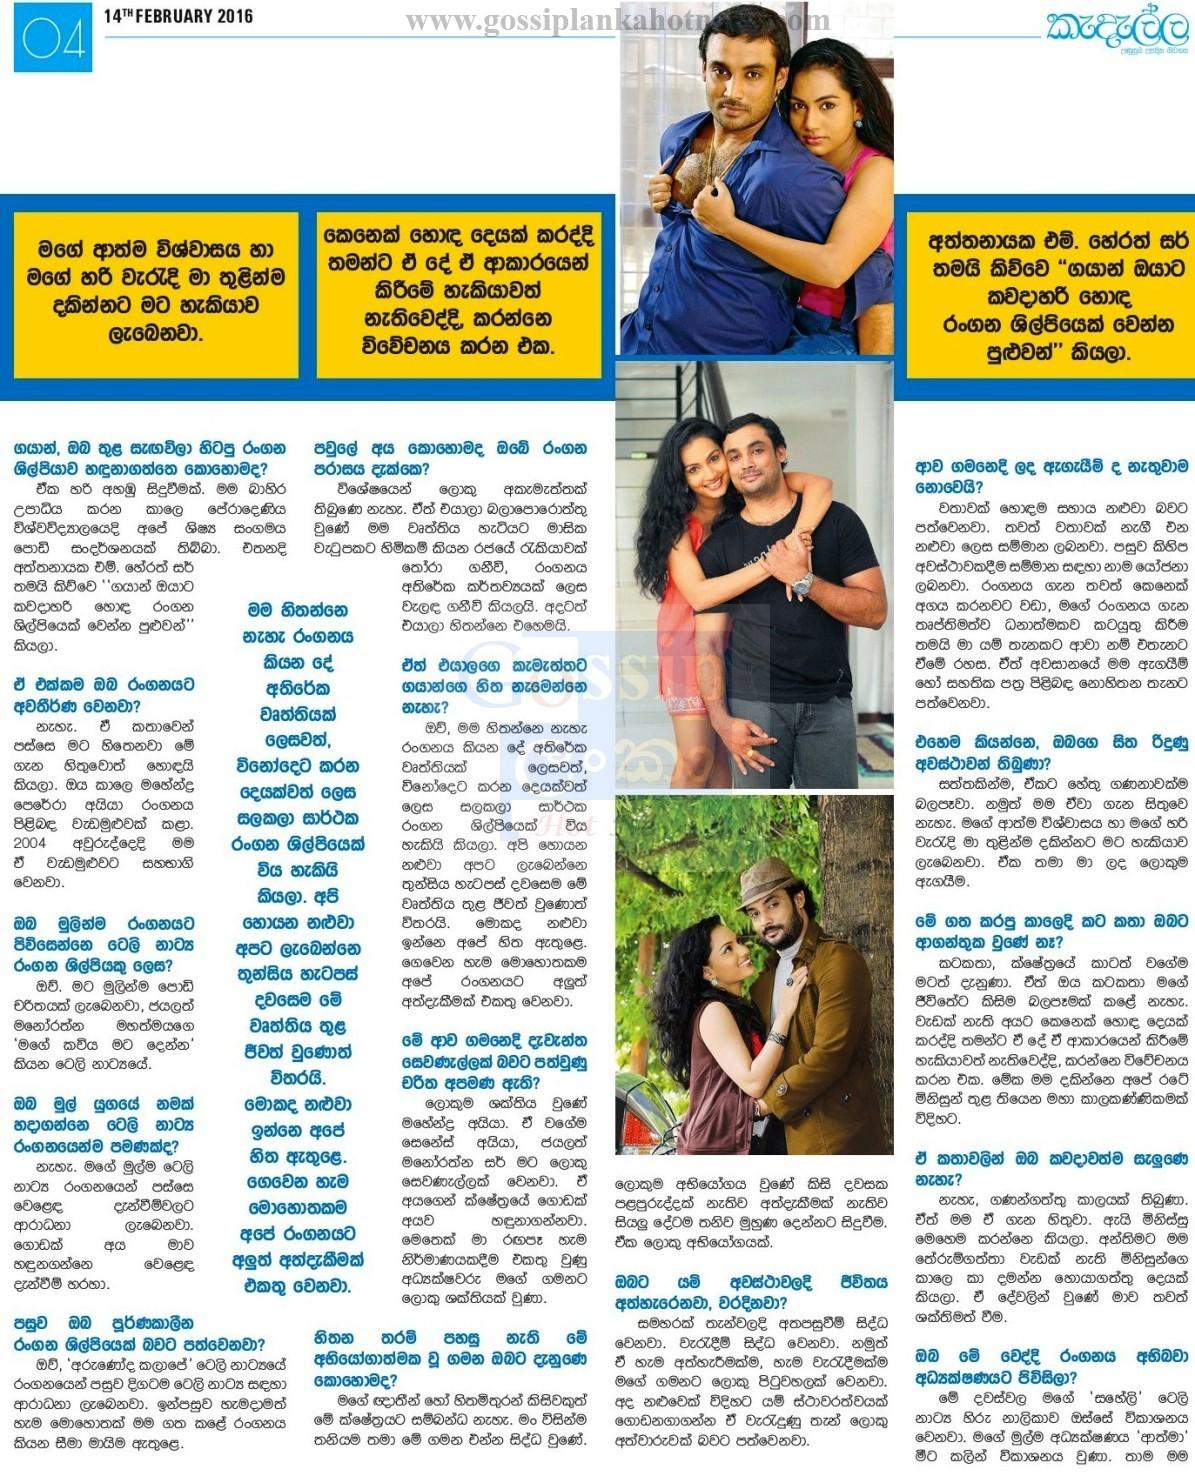 Chathurika & Gayan - New Story - Update - Gossips